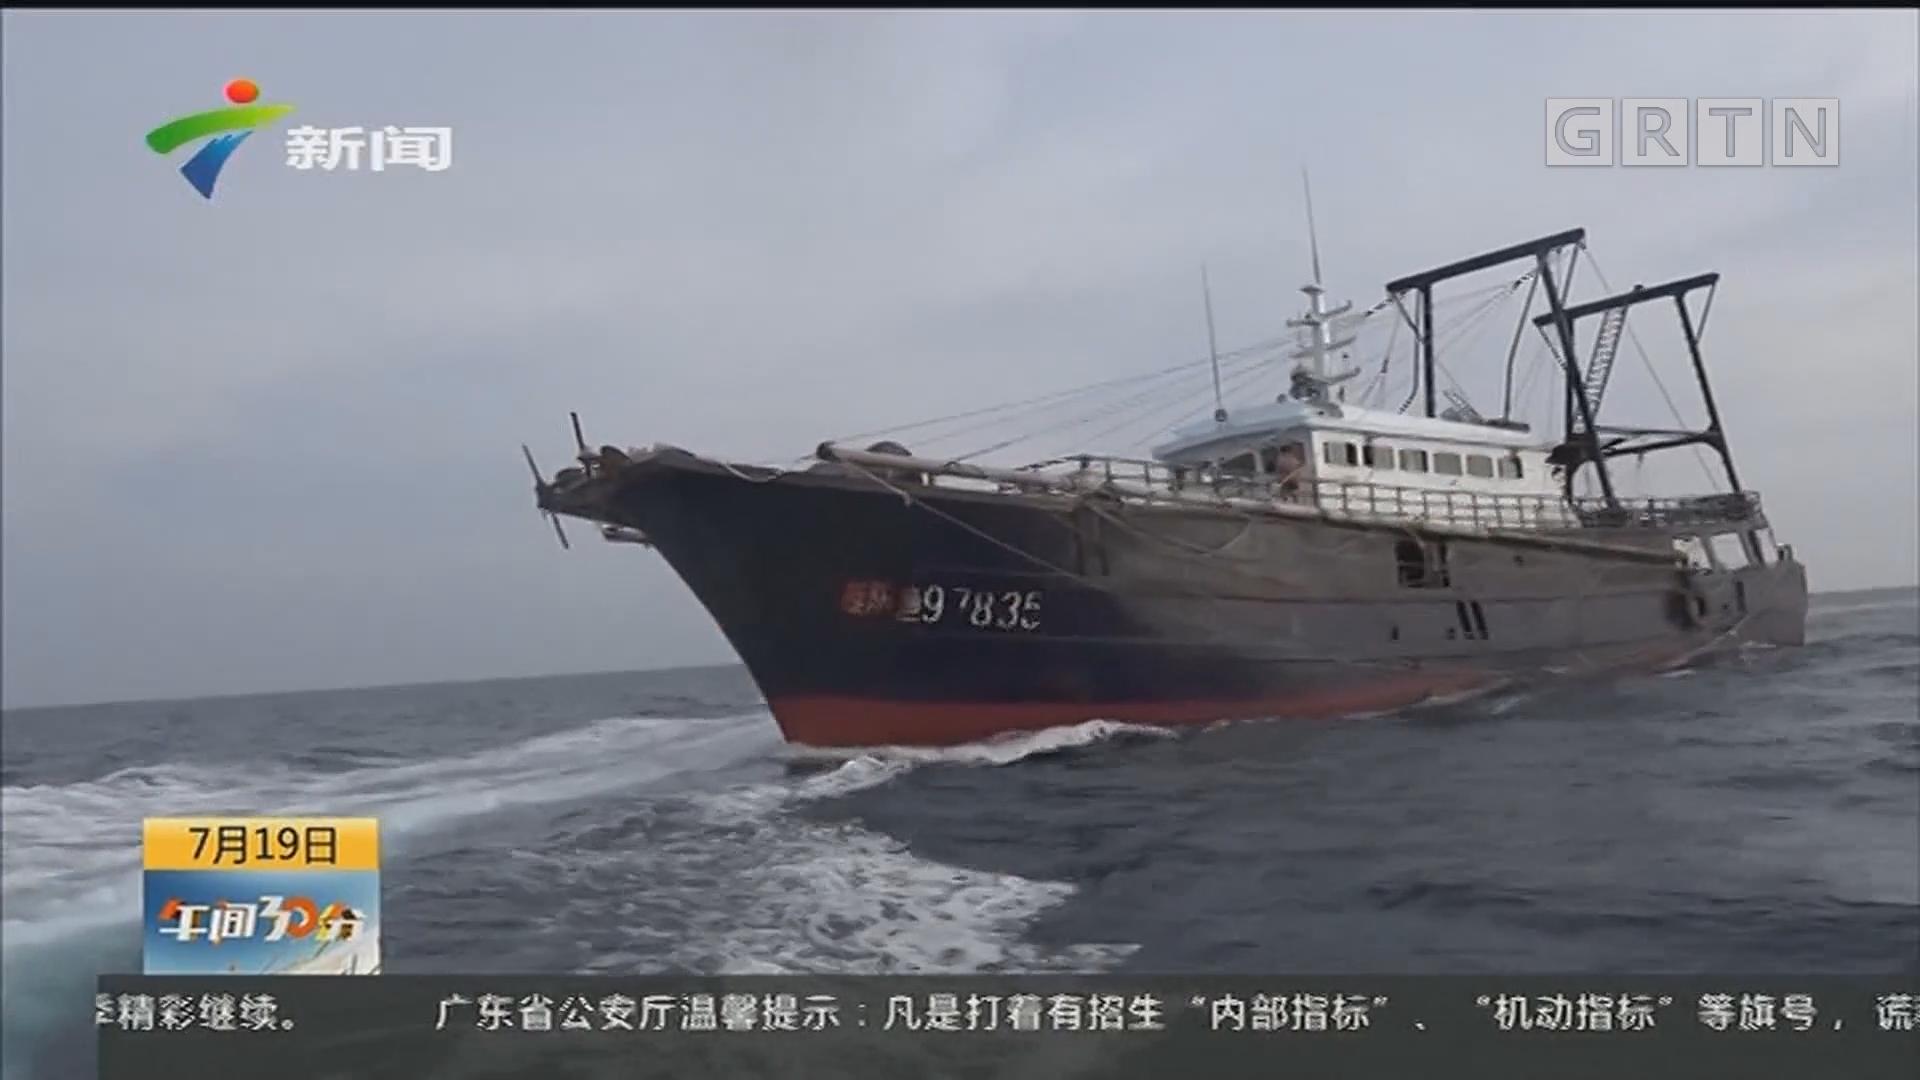 阳江:闸坡渔政查获10艘涉嫌非法捕捞渔船